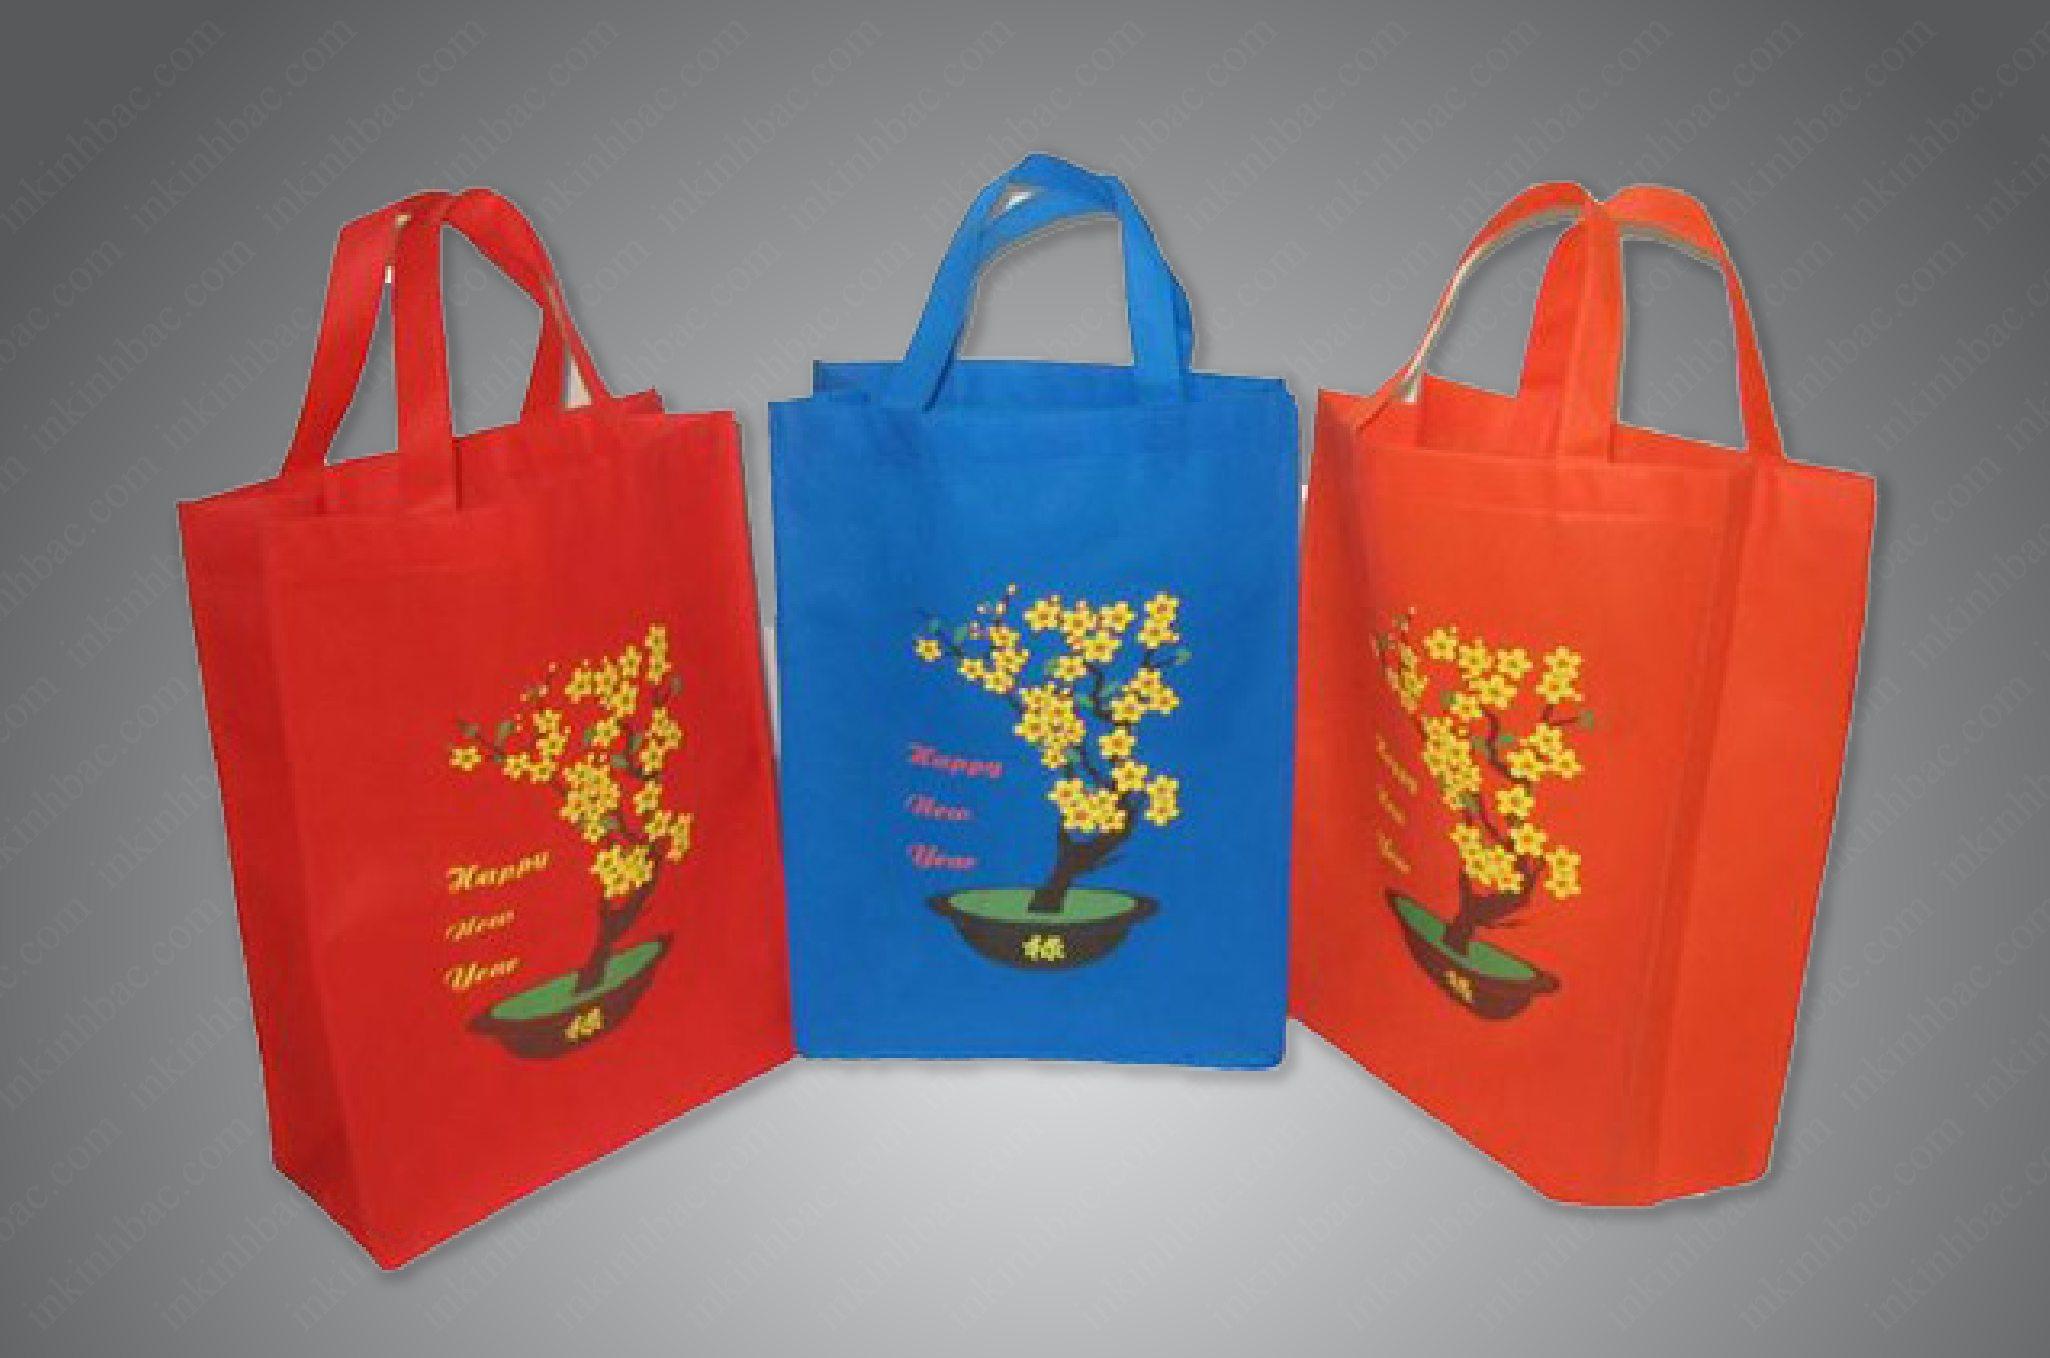 Túi vải không dệt đựng quà tết nâng tầm thương hiệu của bạn